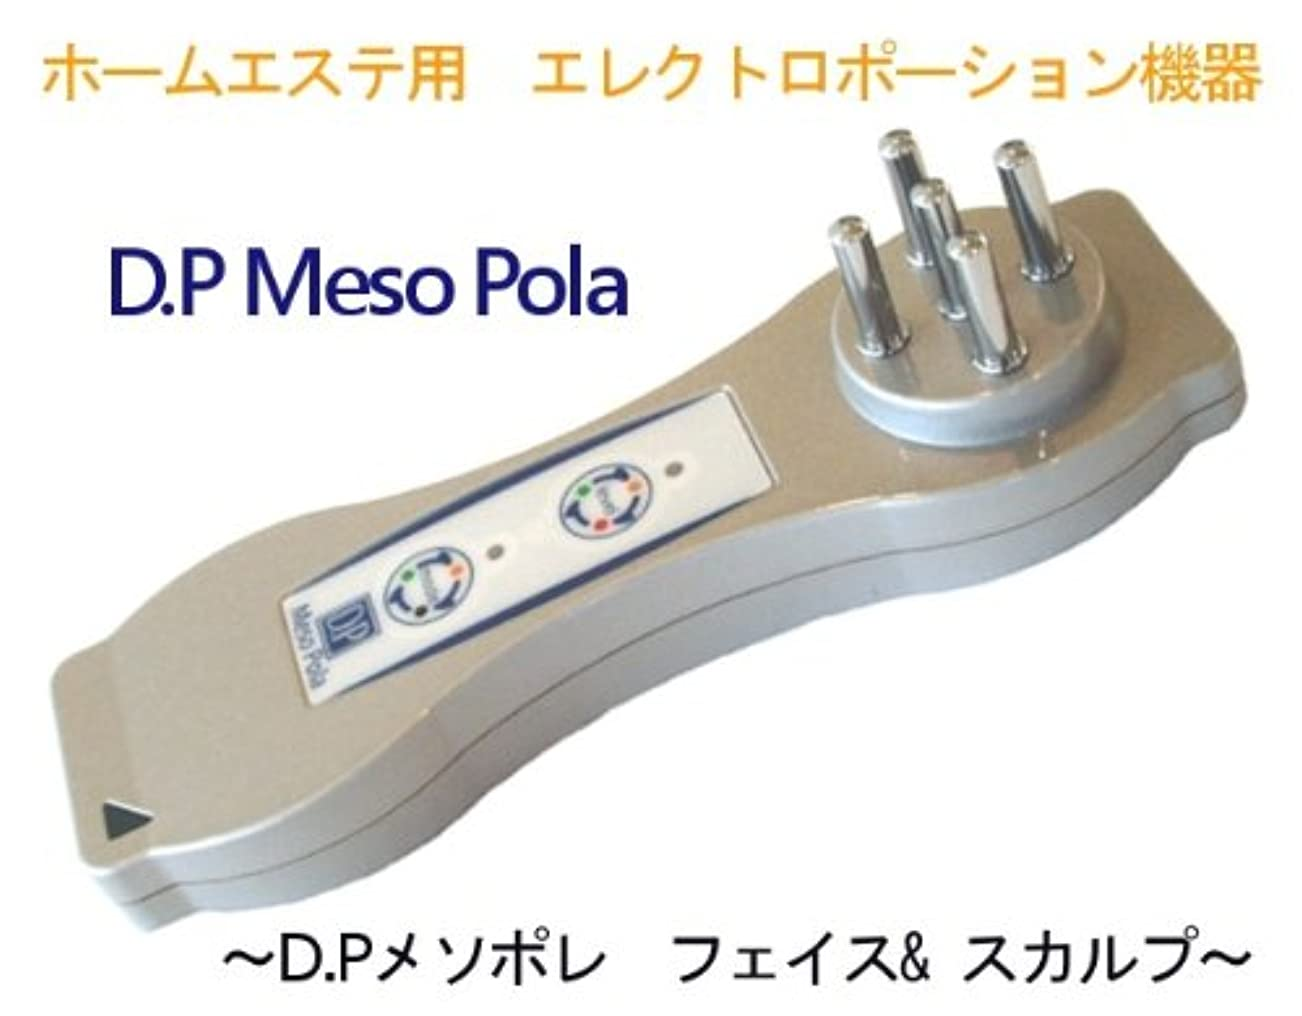 絶壁ポテト過剰D.P Meso Pola(ディーピー メソポレ) フェイス&スカルプ ホームエステ用 エレクトロポーション機器